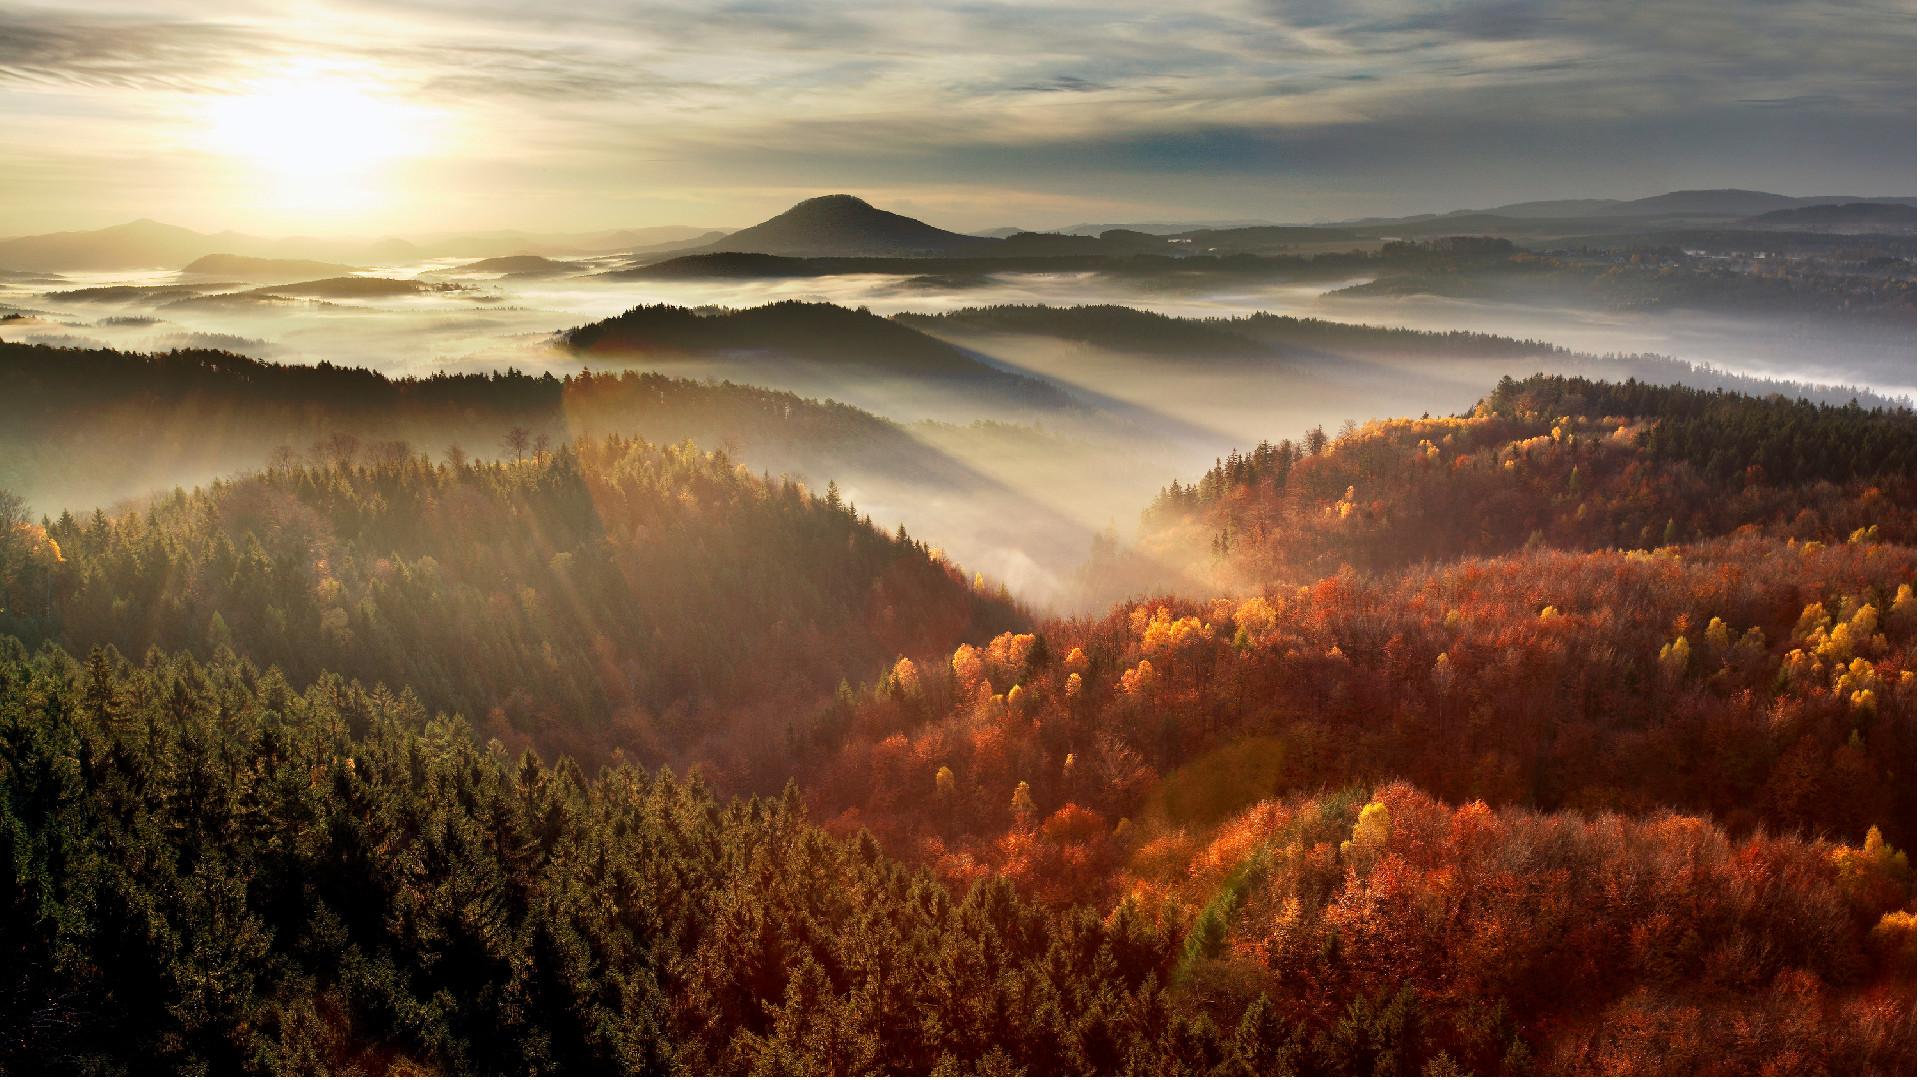 Seis espaços naturais aonde você pode sentir o outono na República Tcheca